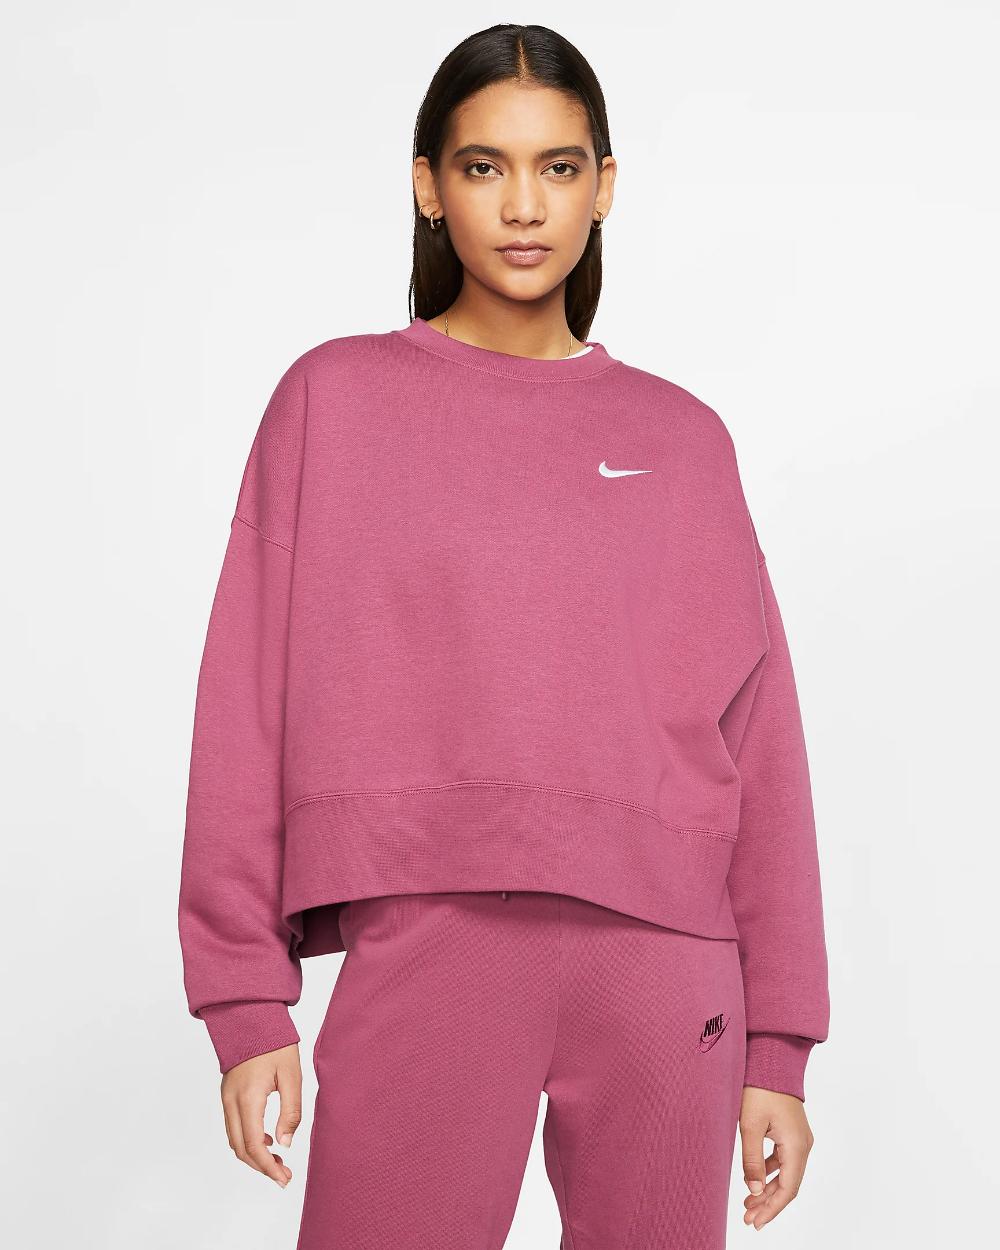 Pin By Coffeeplusclothes On Closet Vintage Nike Sweatshirt Nike Sportswear Womens Fleece [ 1250 x 1000 Pixel ]